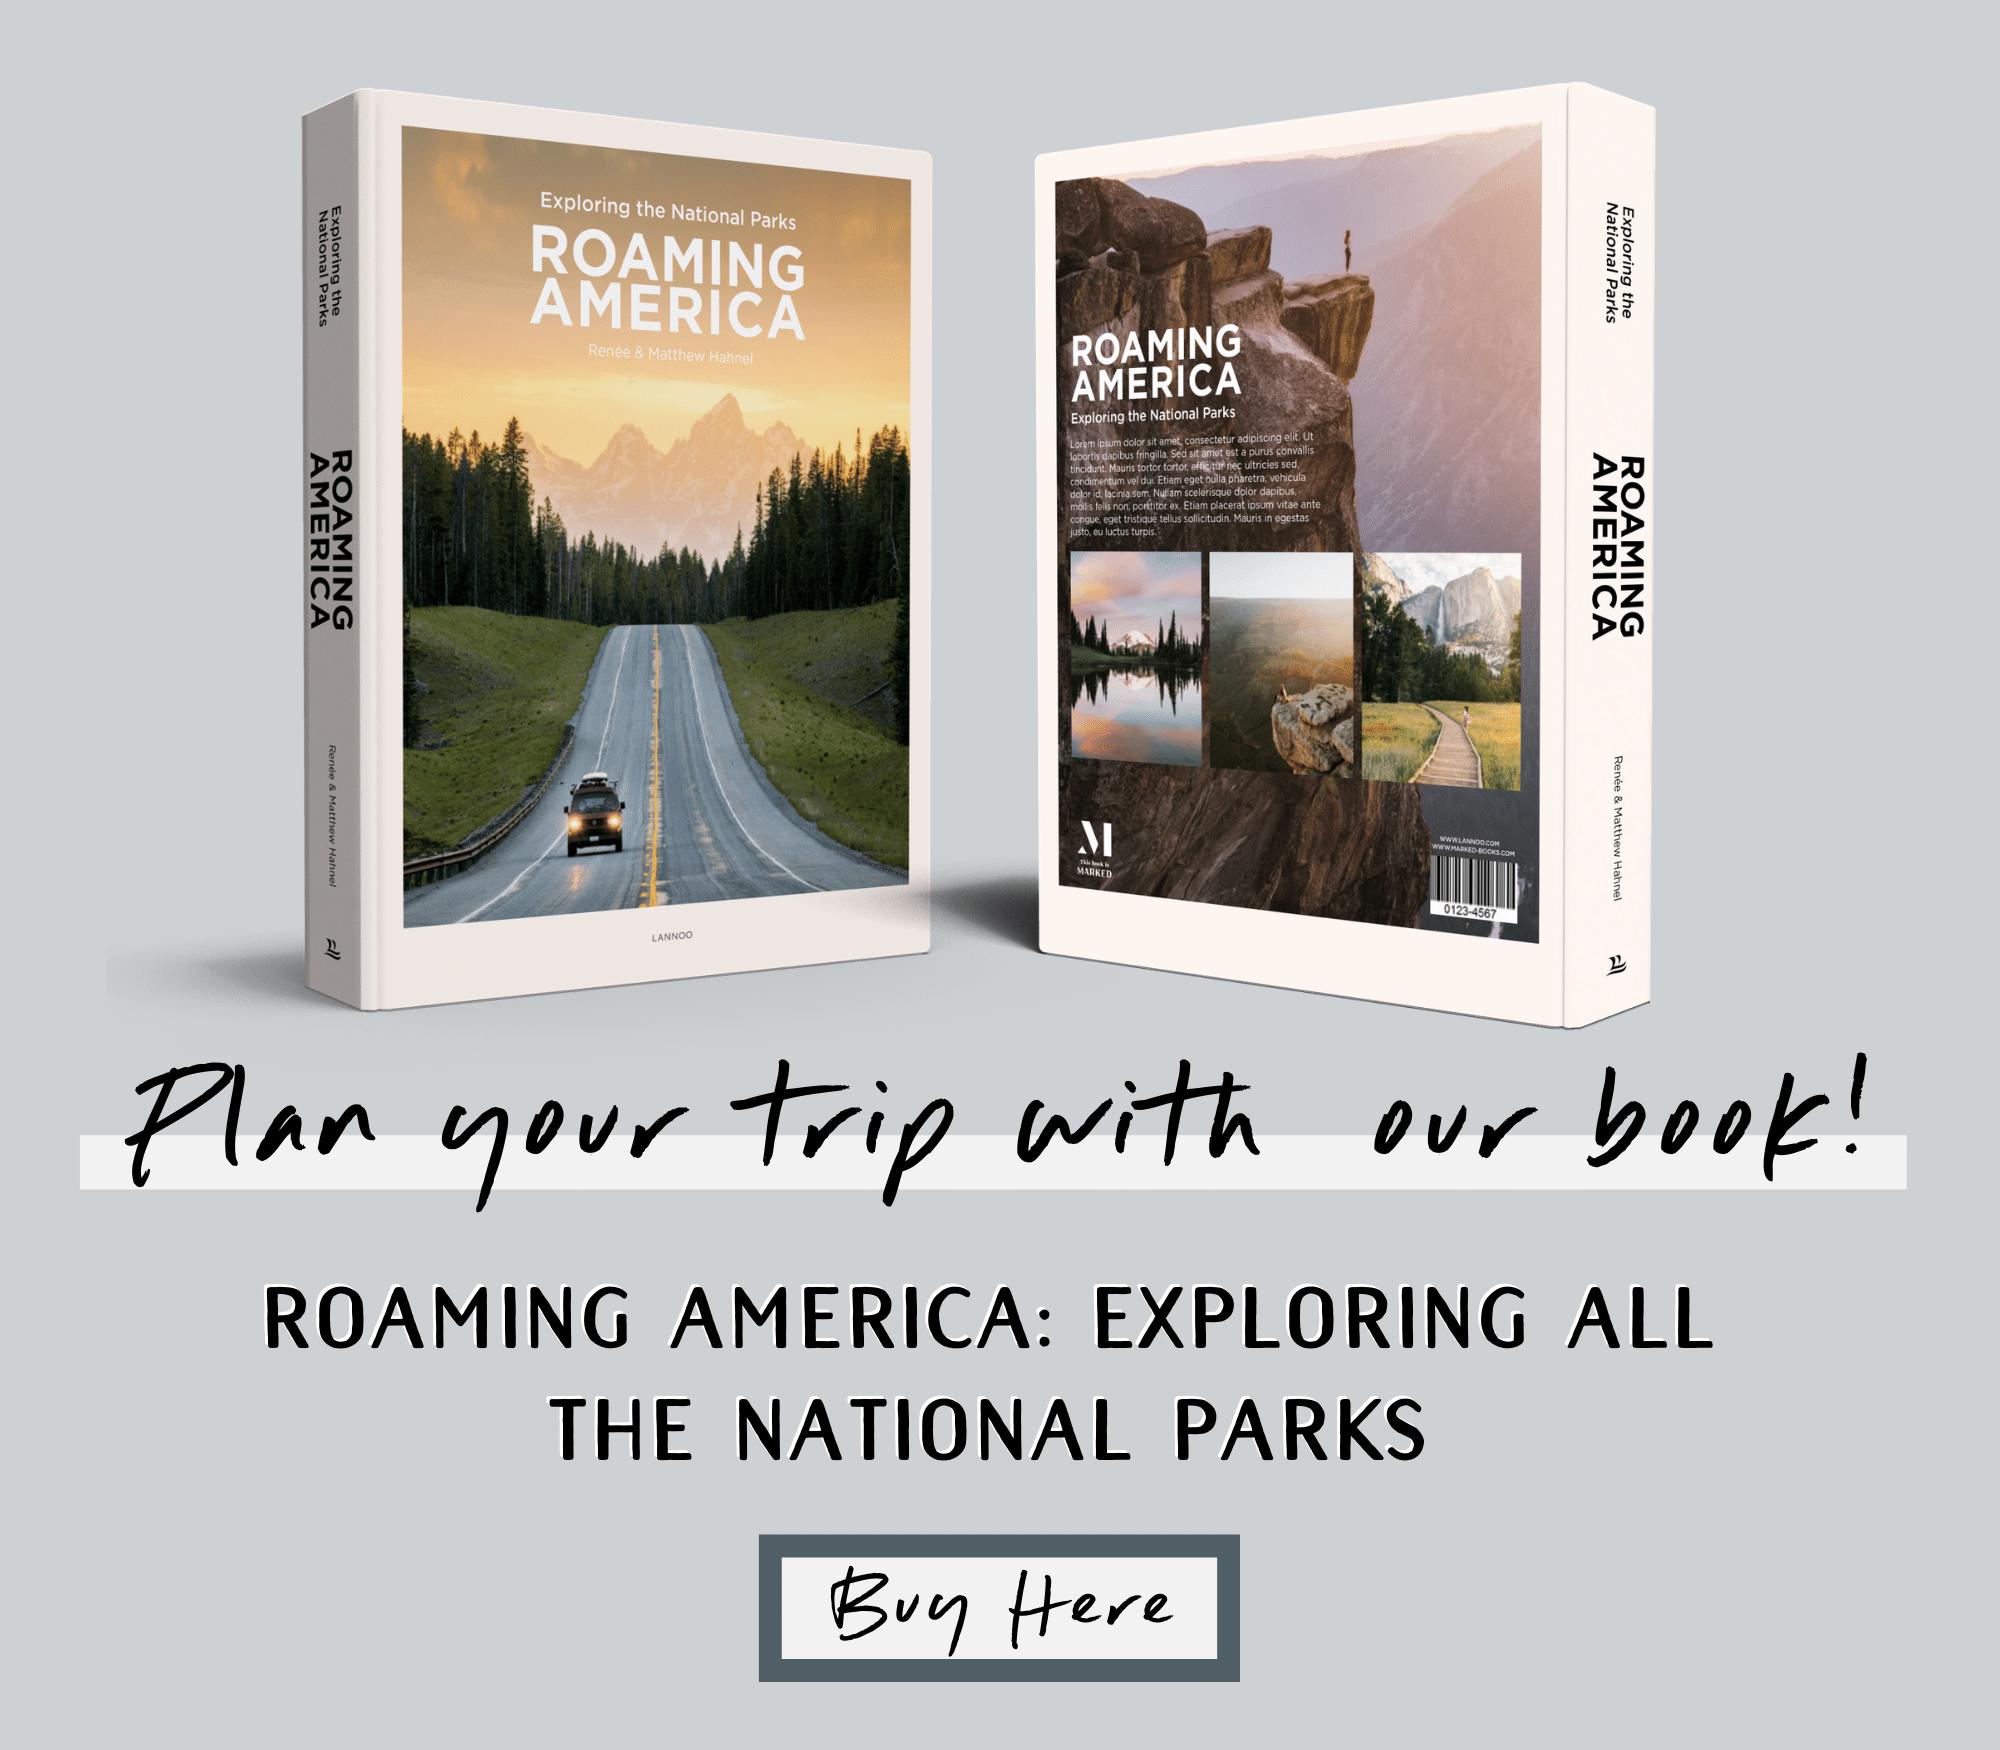 roaming america book